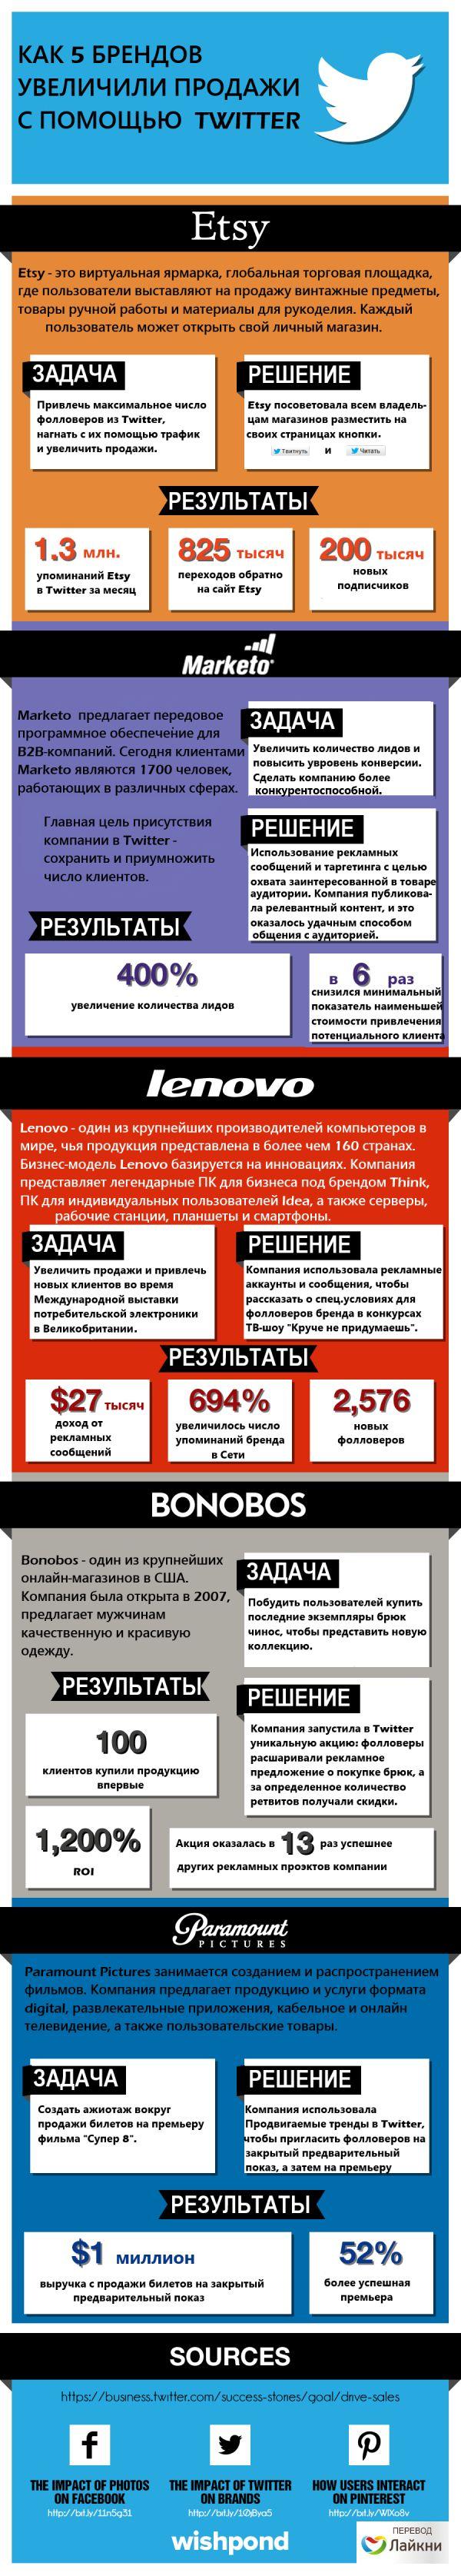 Инфографика, которую создал портал Wishpond где описал успех рекламы в Twitter на примере 5 известных компаний.